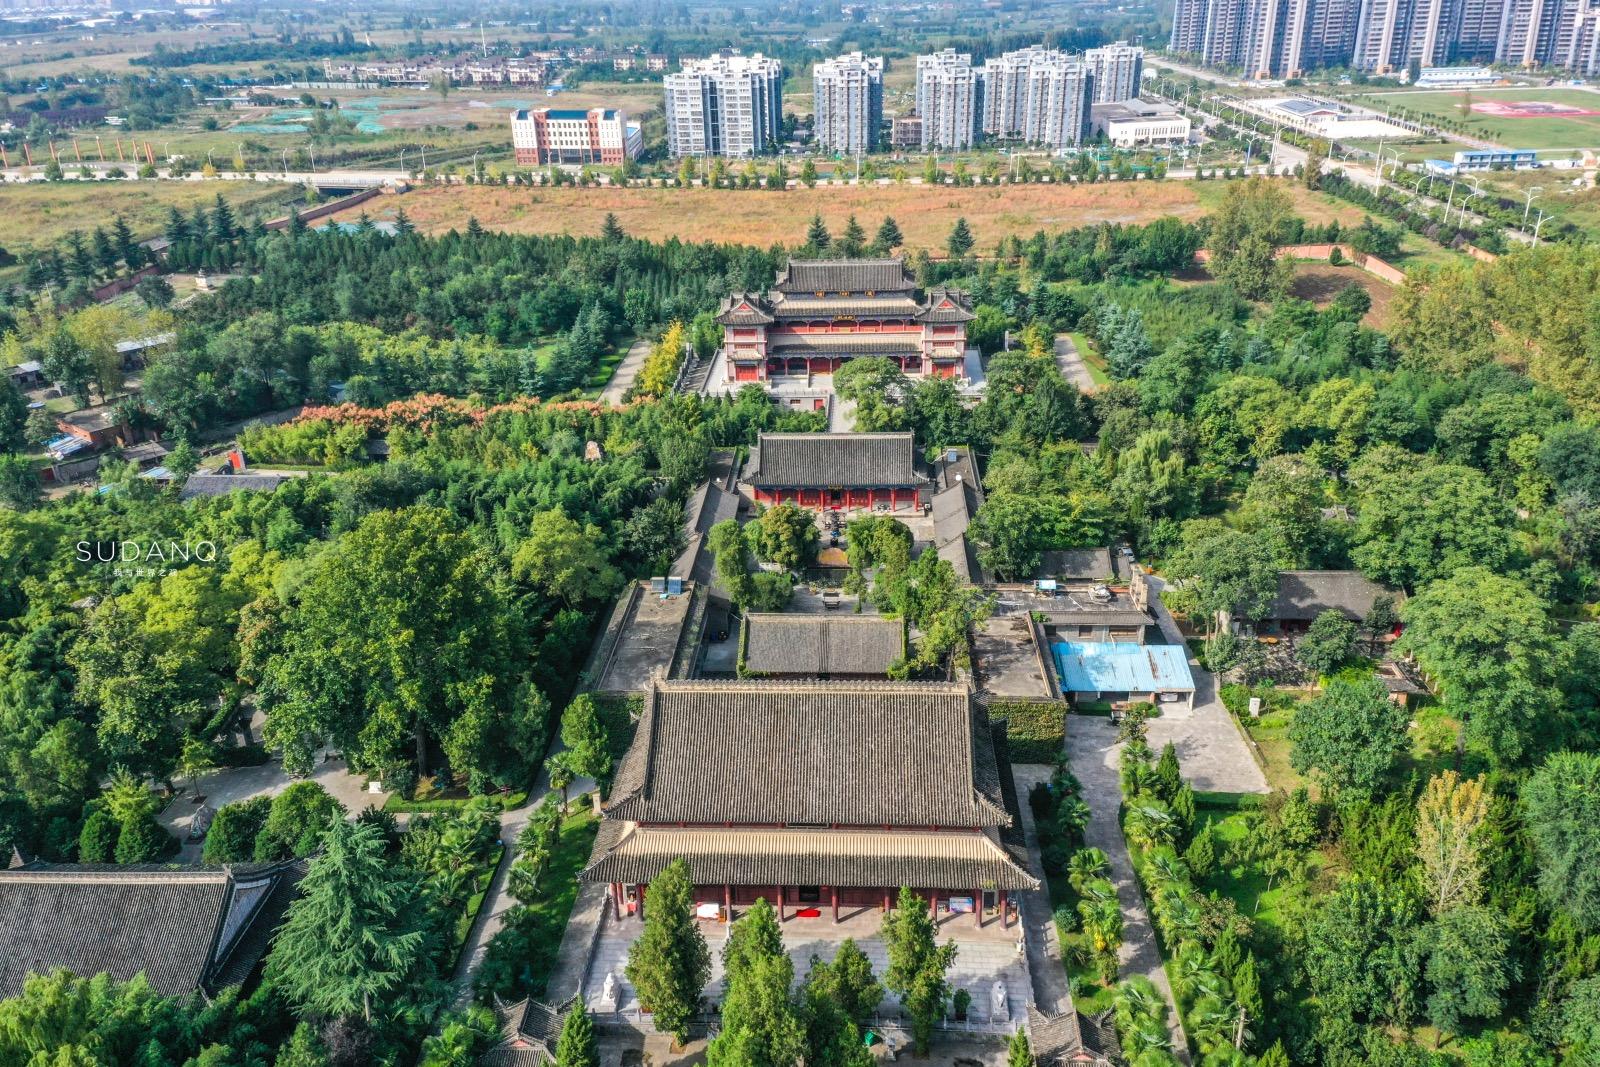 西安草堂寺,神秘宝塔引人围观,中国首个译经大师的舌头供奉其中